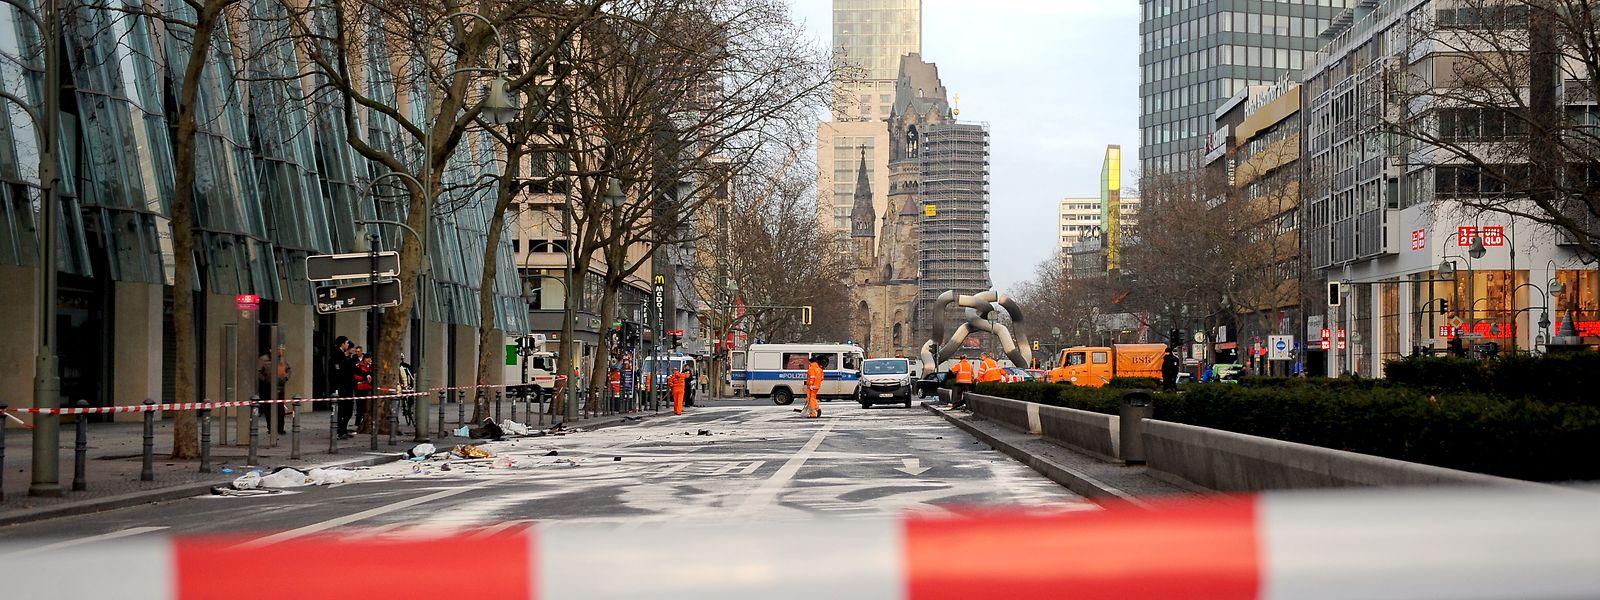 Berlin: Die gesperrte Tauentzienstraße nach dem illegalen Autorennen, durch das ein unbeteiligter Rentner ums Leben kam.